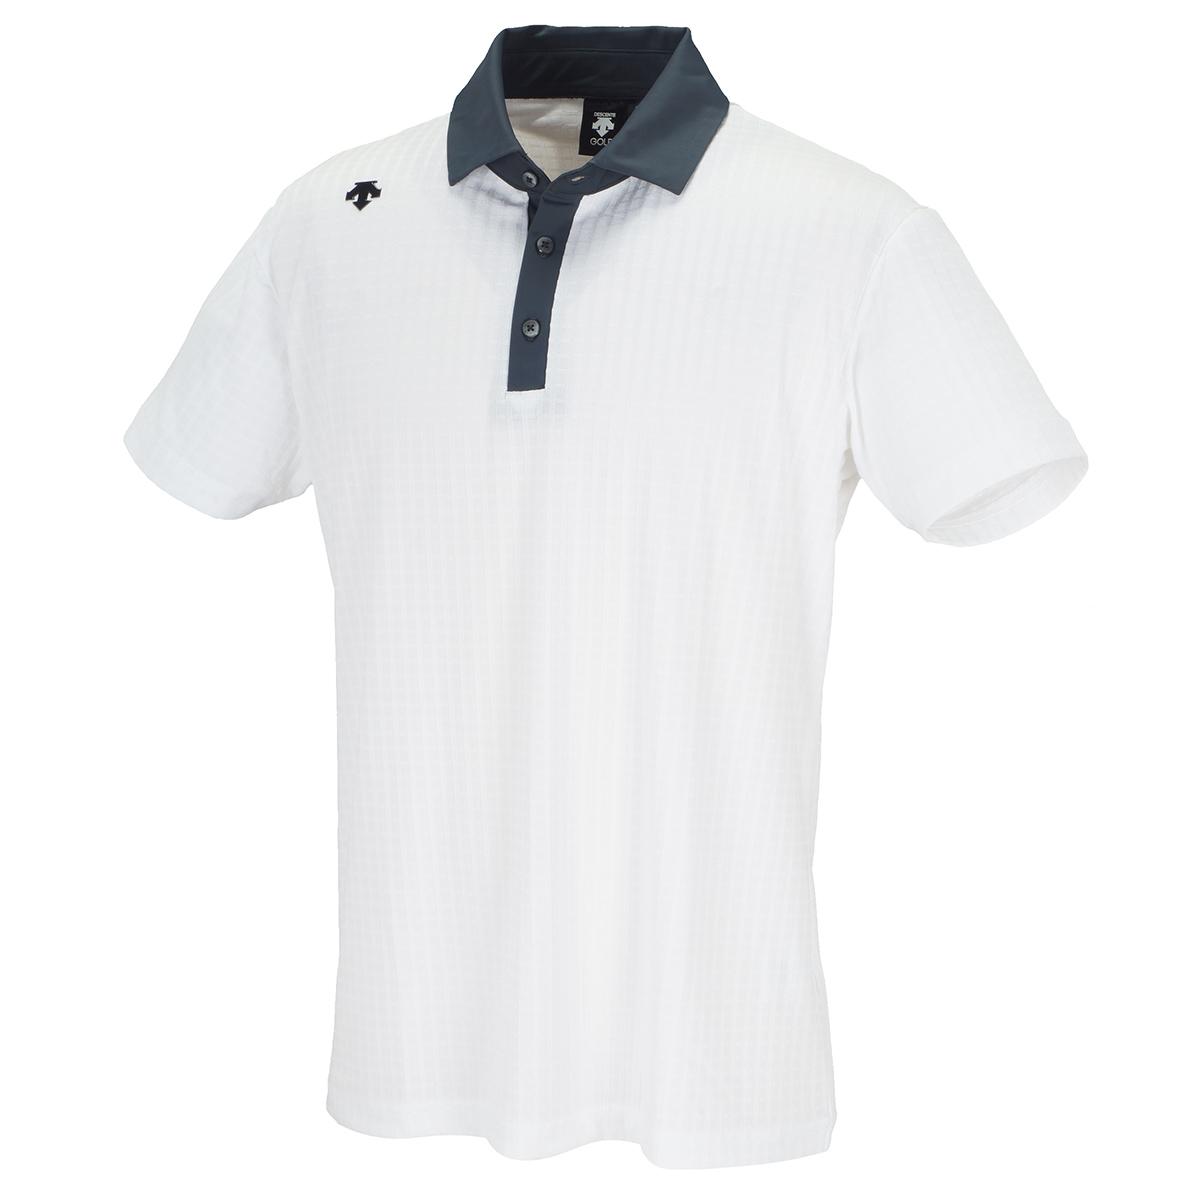 ストレッチ リンクス市松柄ジャカード 半袖ポロシャツ